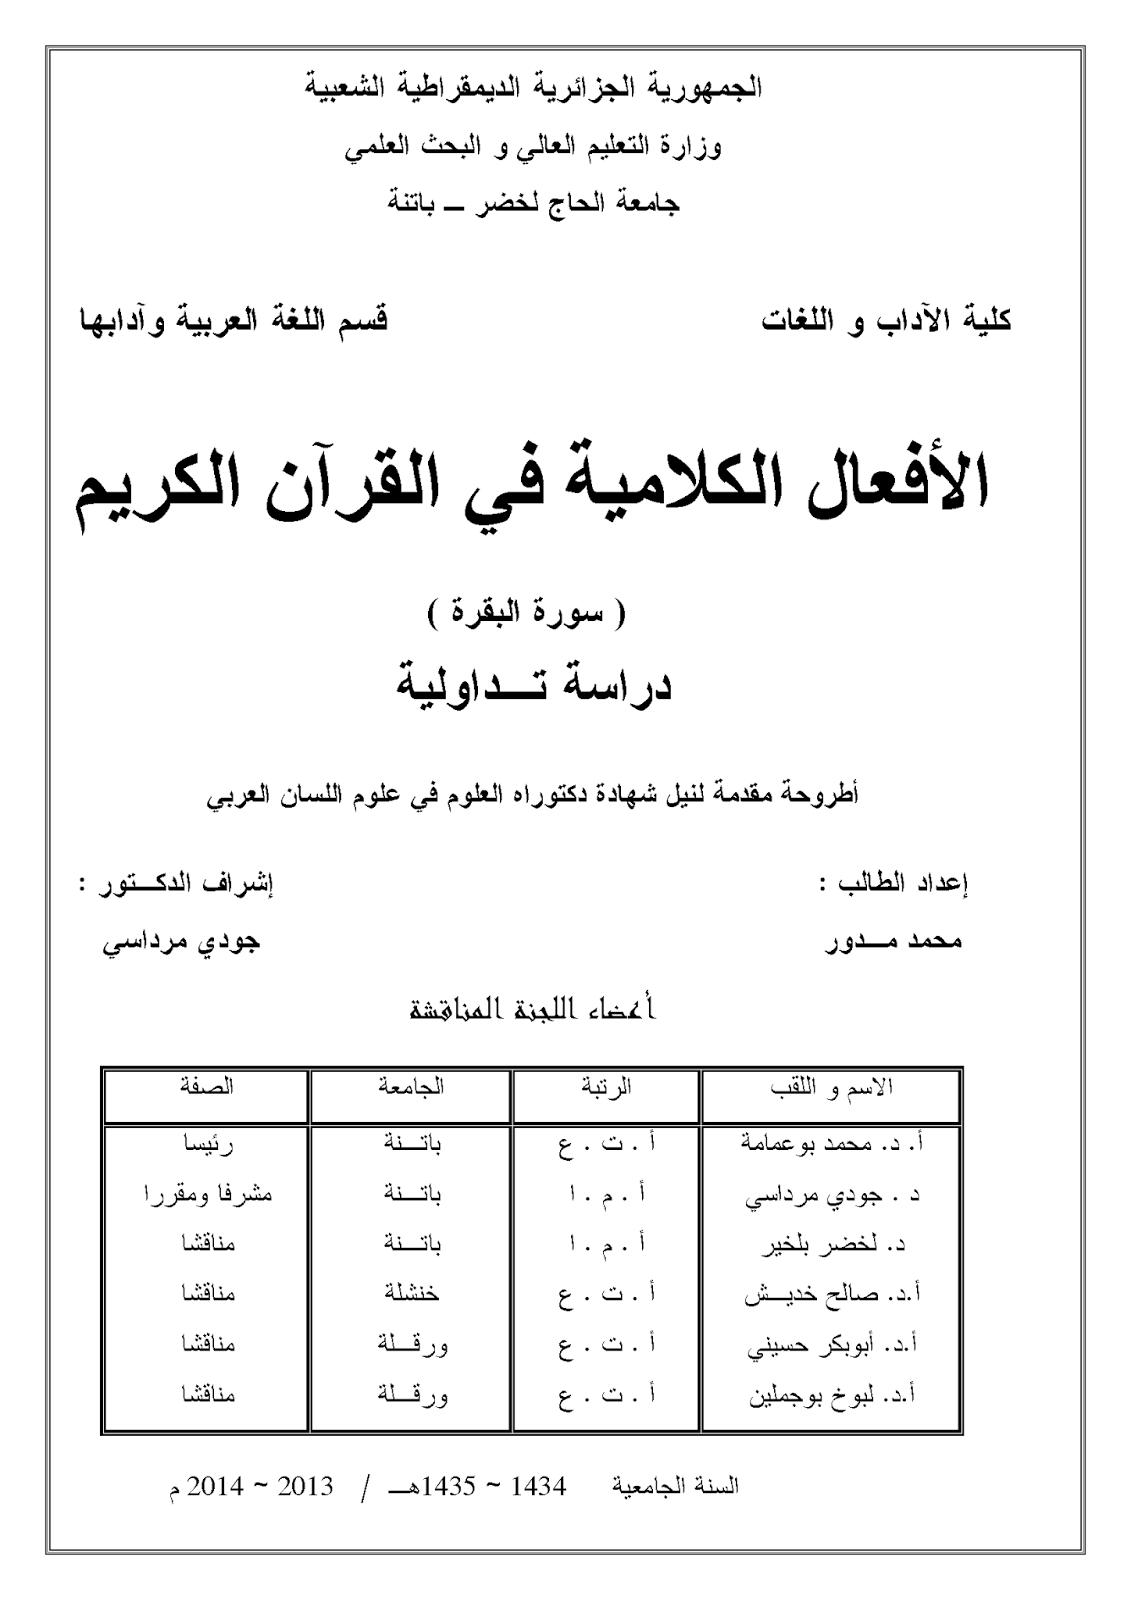 ❞ مذكّرة الأفعال الكلامية في القرآن الكريم سورة البقرة (دراسة تداولية) ❝